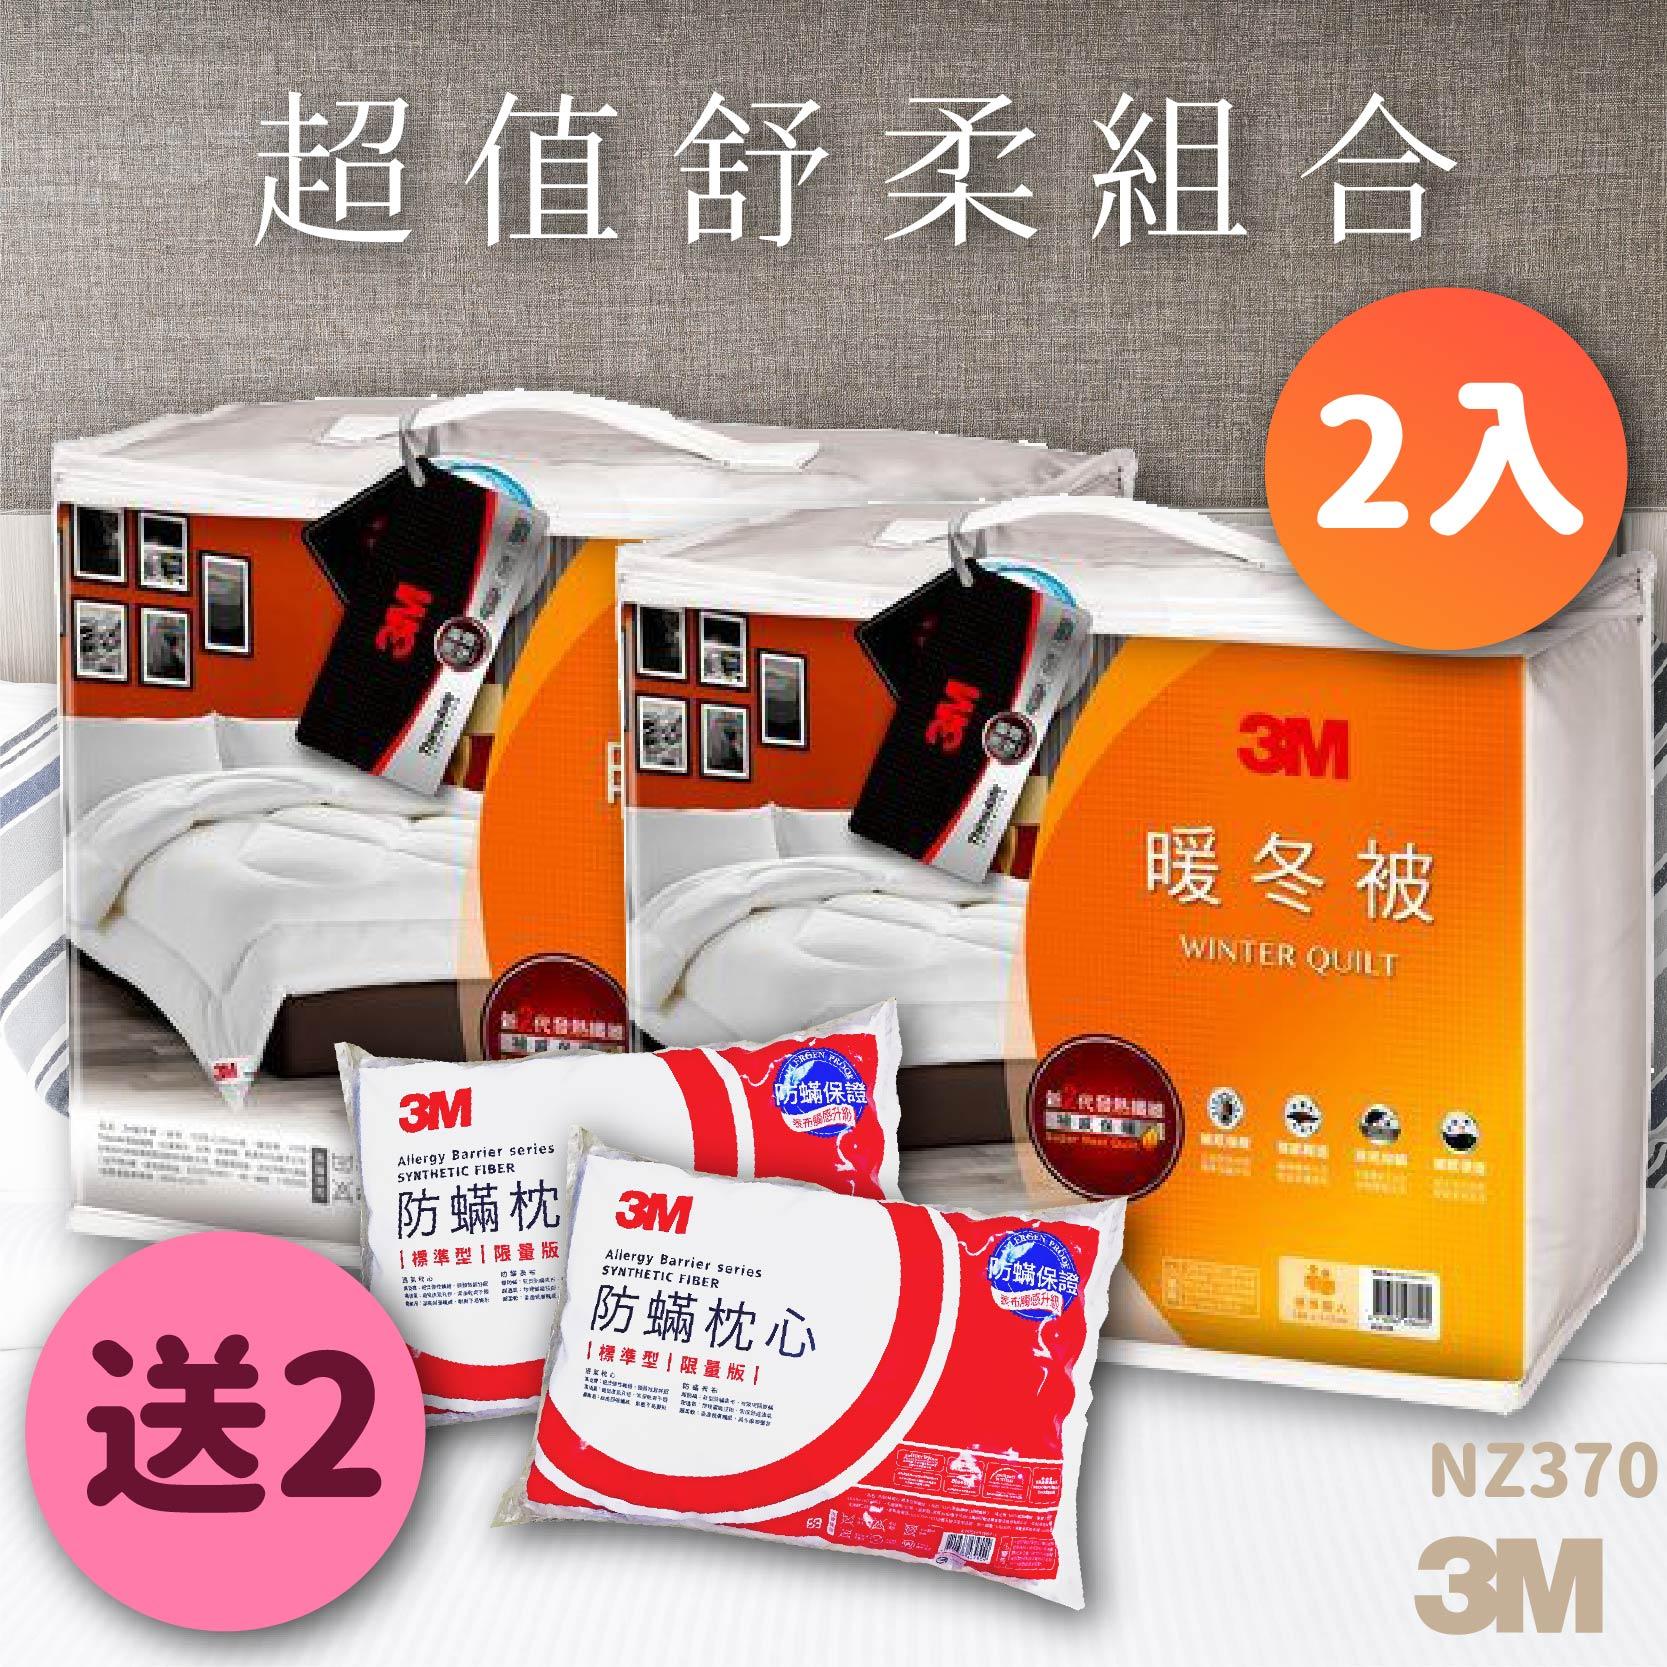 《保證原廠/2送2枕頭》3M NZ370暖冬被 標準雙人2入 送 3M防蹣枕頭標準型2入 防蹣 枕頭 棉被 透氣 可水洗